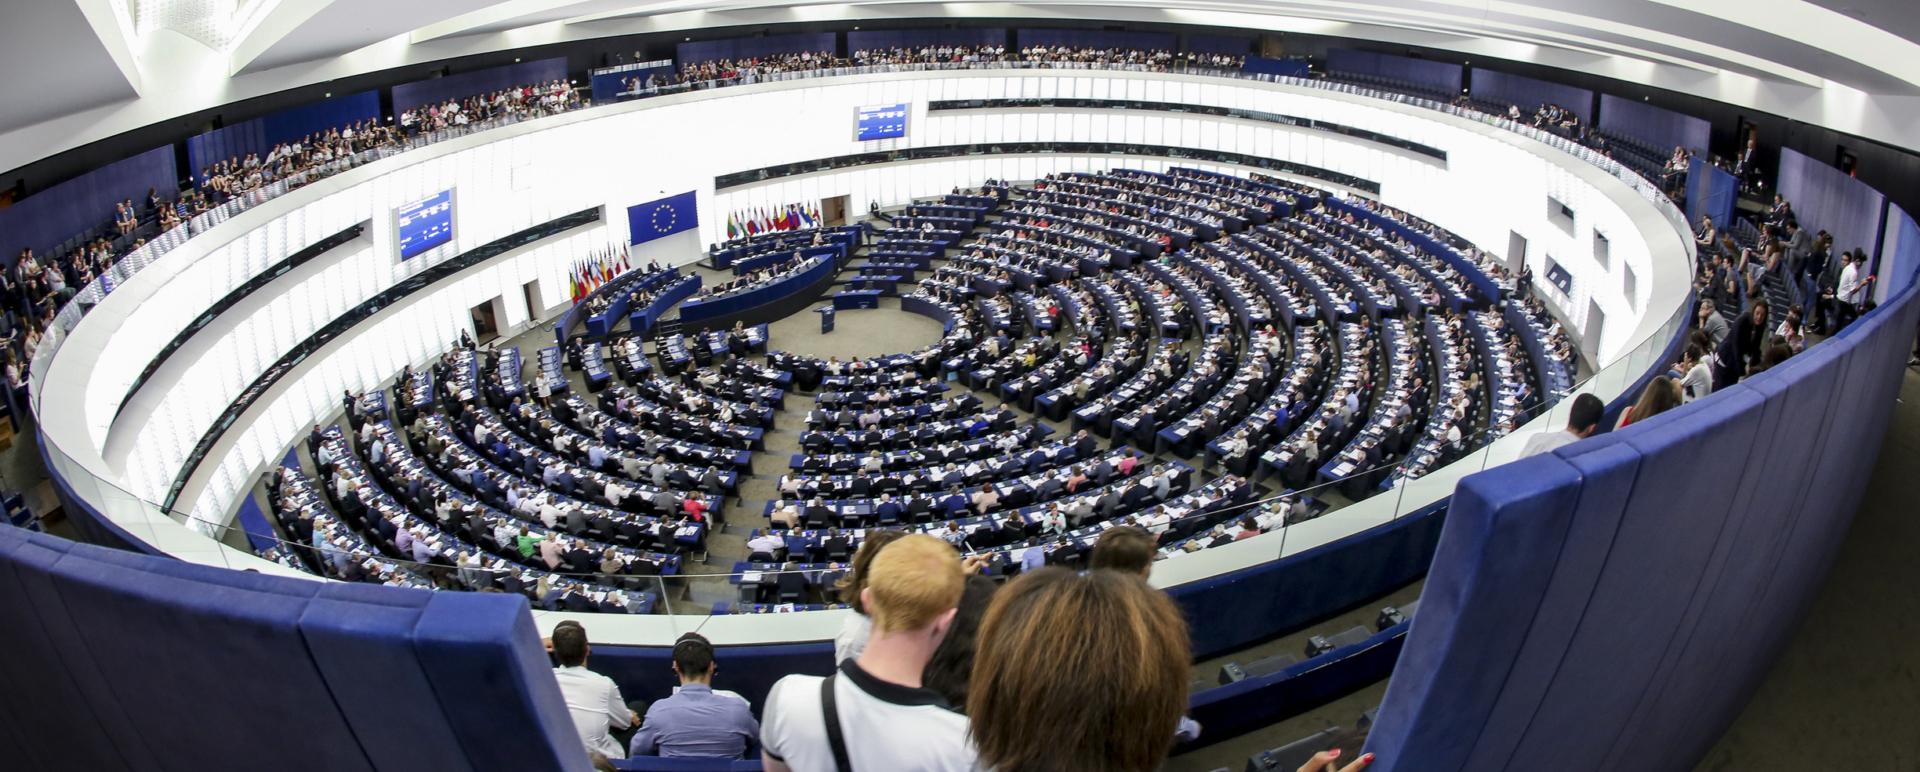 Hémicycle du Parlement Européen